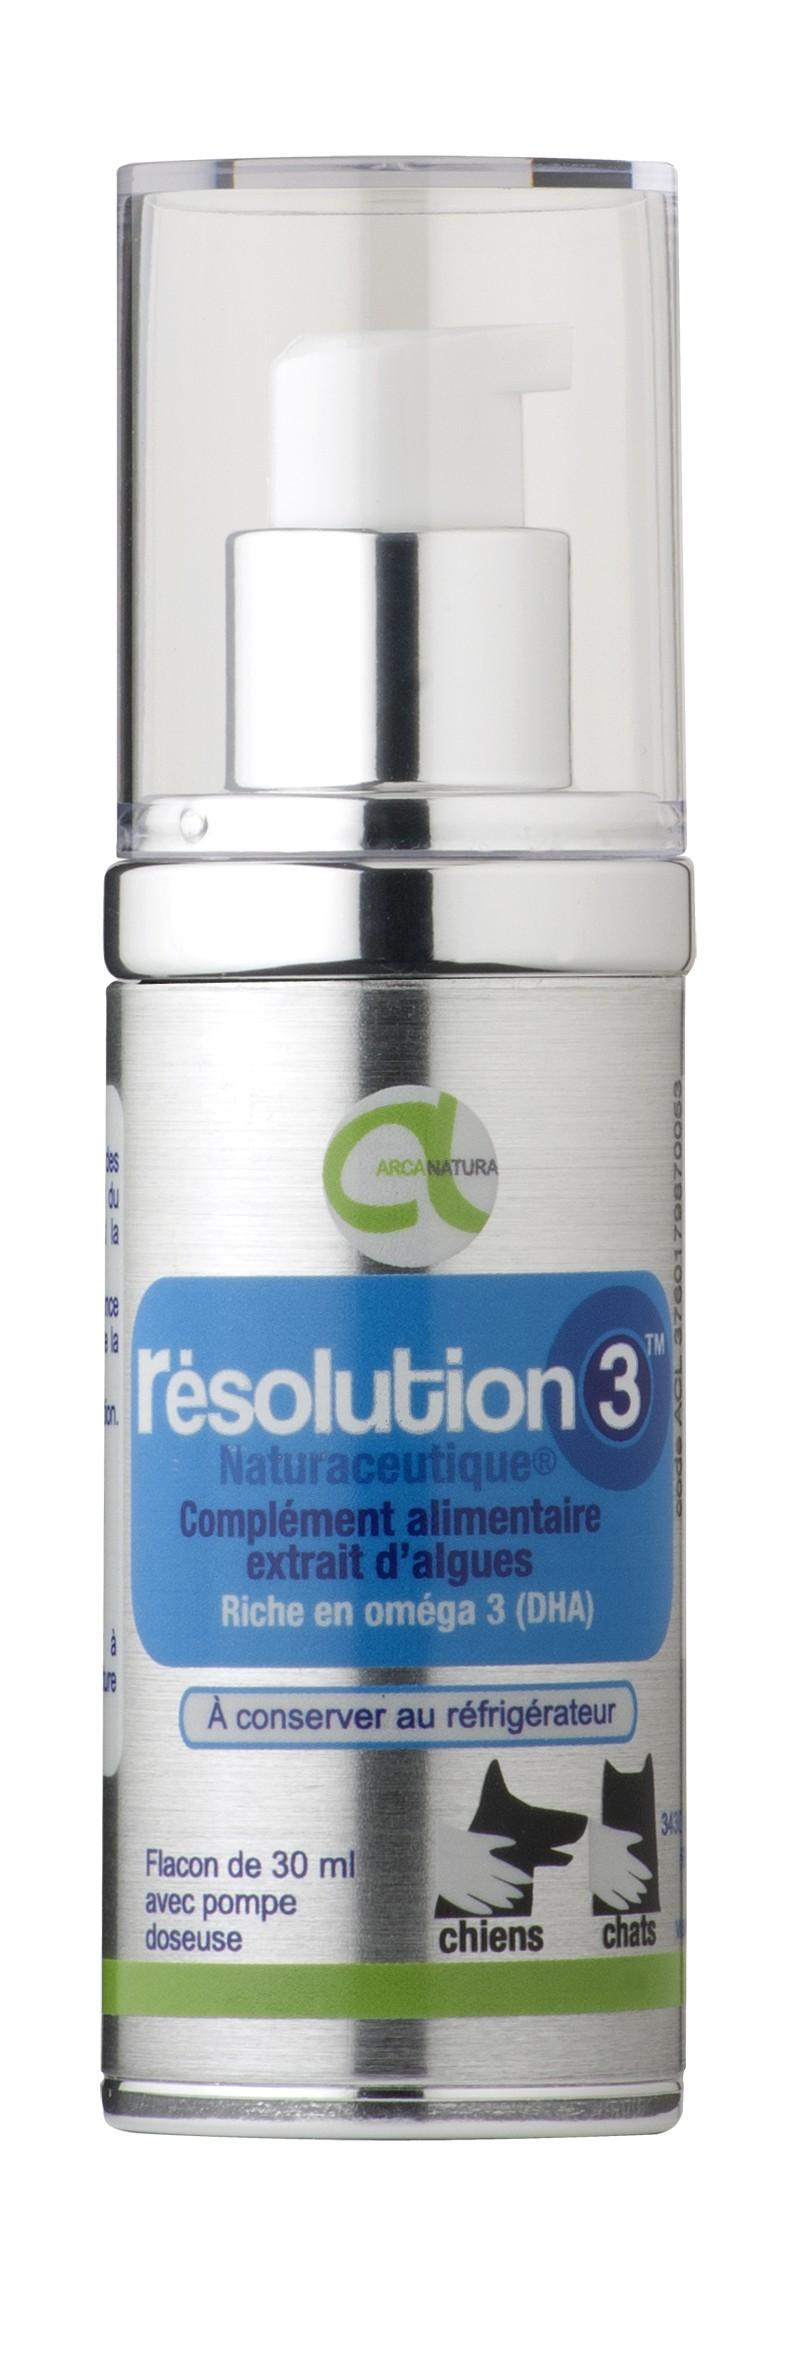 Résolution 3